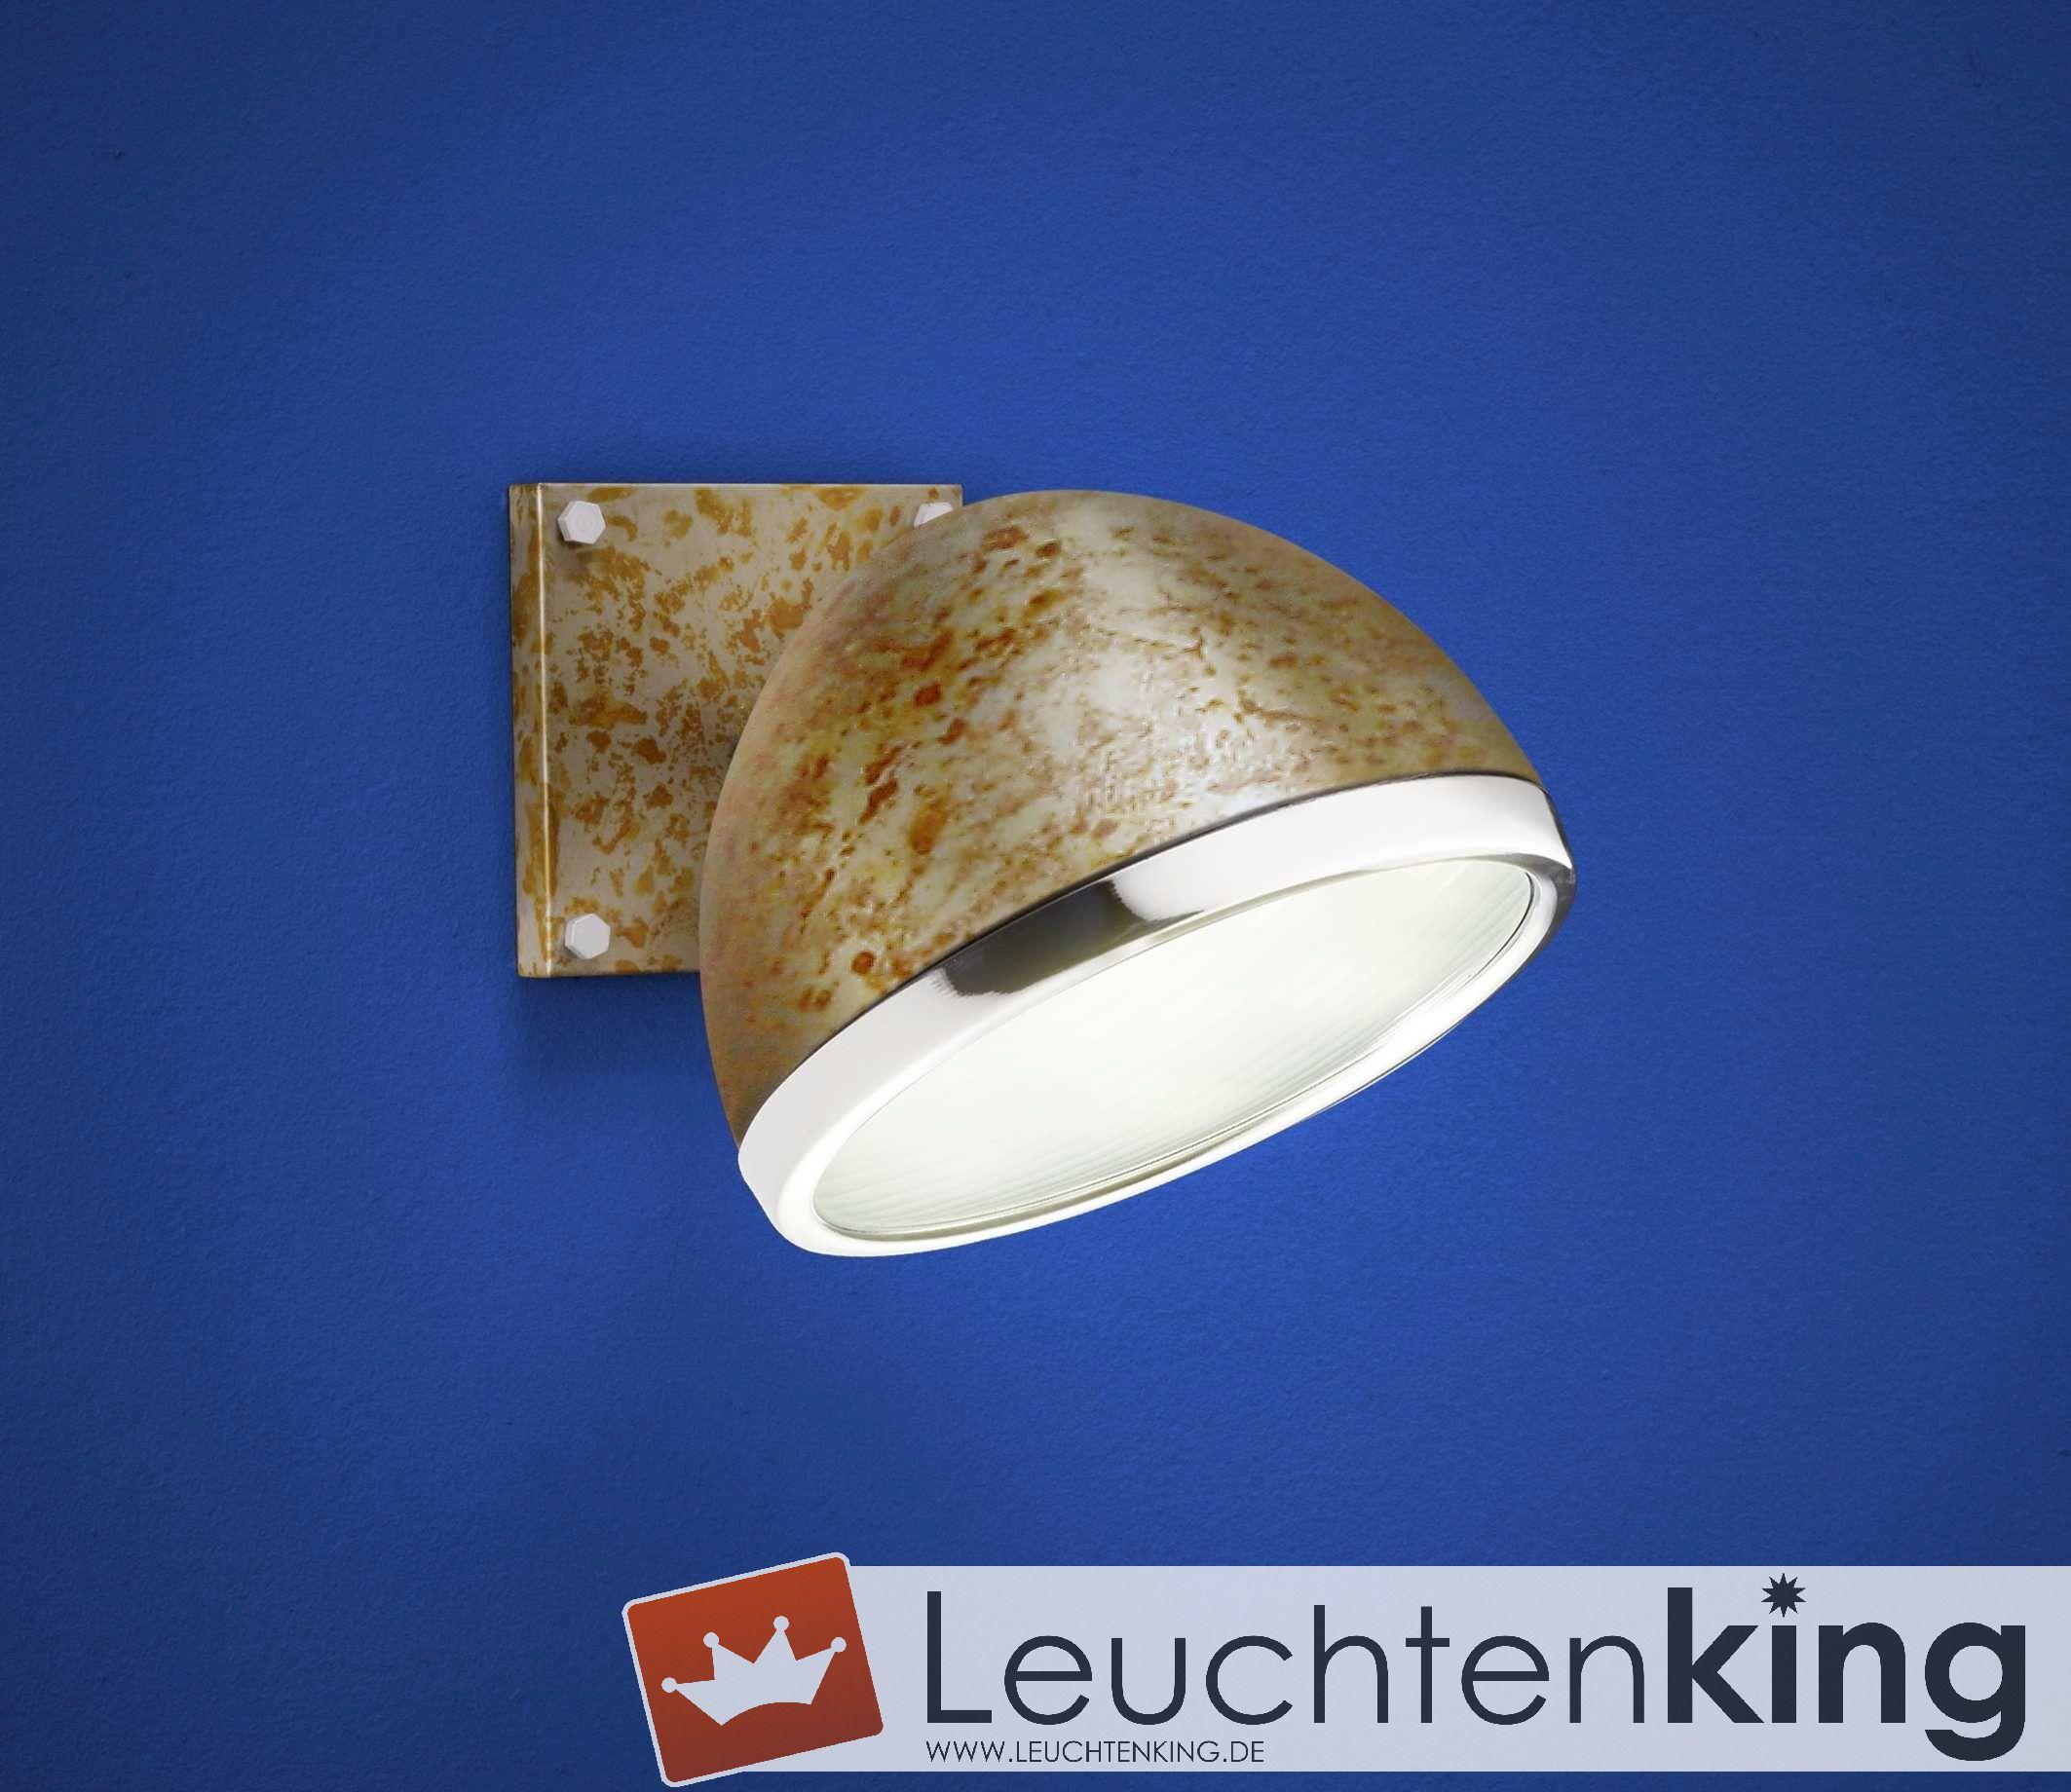 B Leuchten Vintage Led Wandleuchte 40147 1 90 Leuchtenking